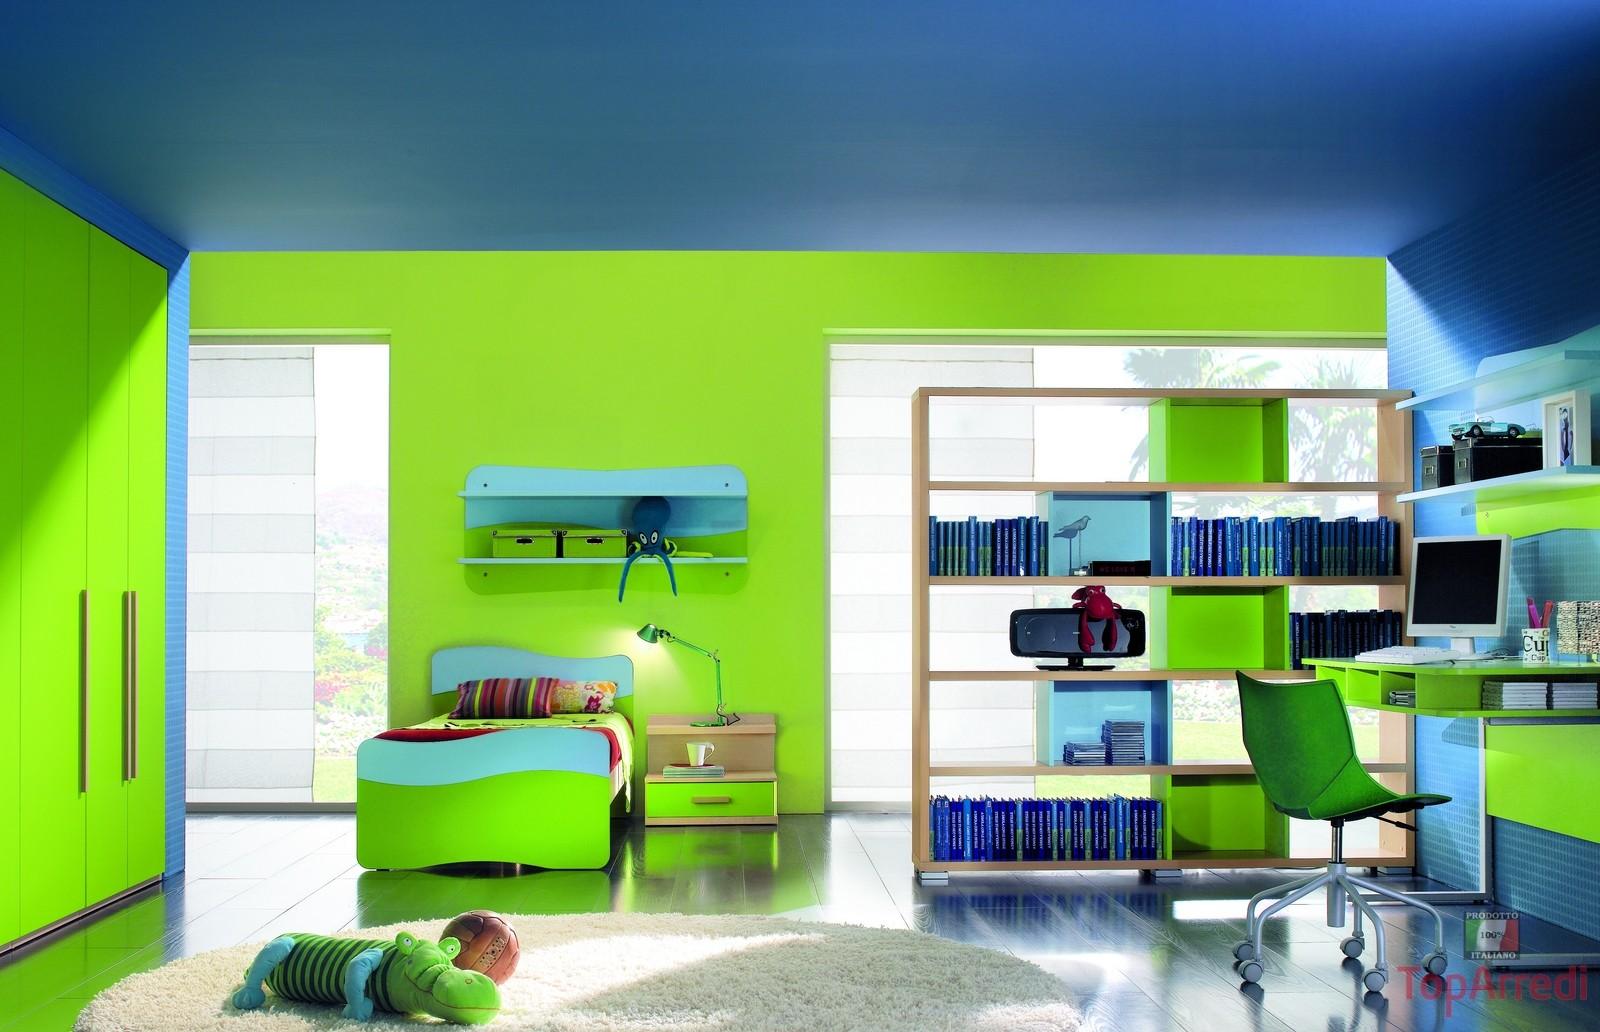 Arredamento e mobili online giugno 2012 - Sbarra letto bambini ...